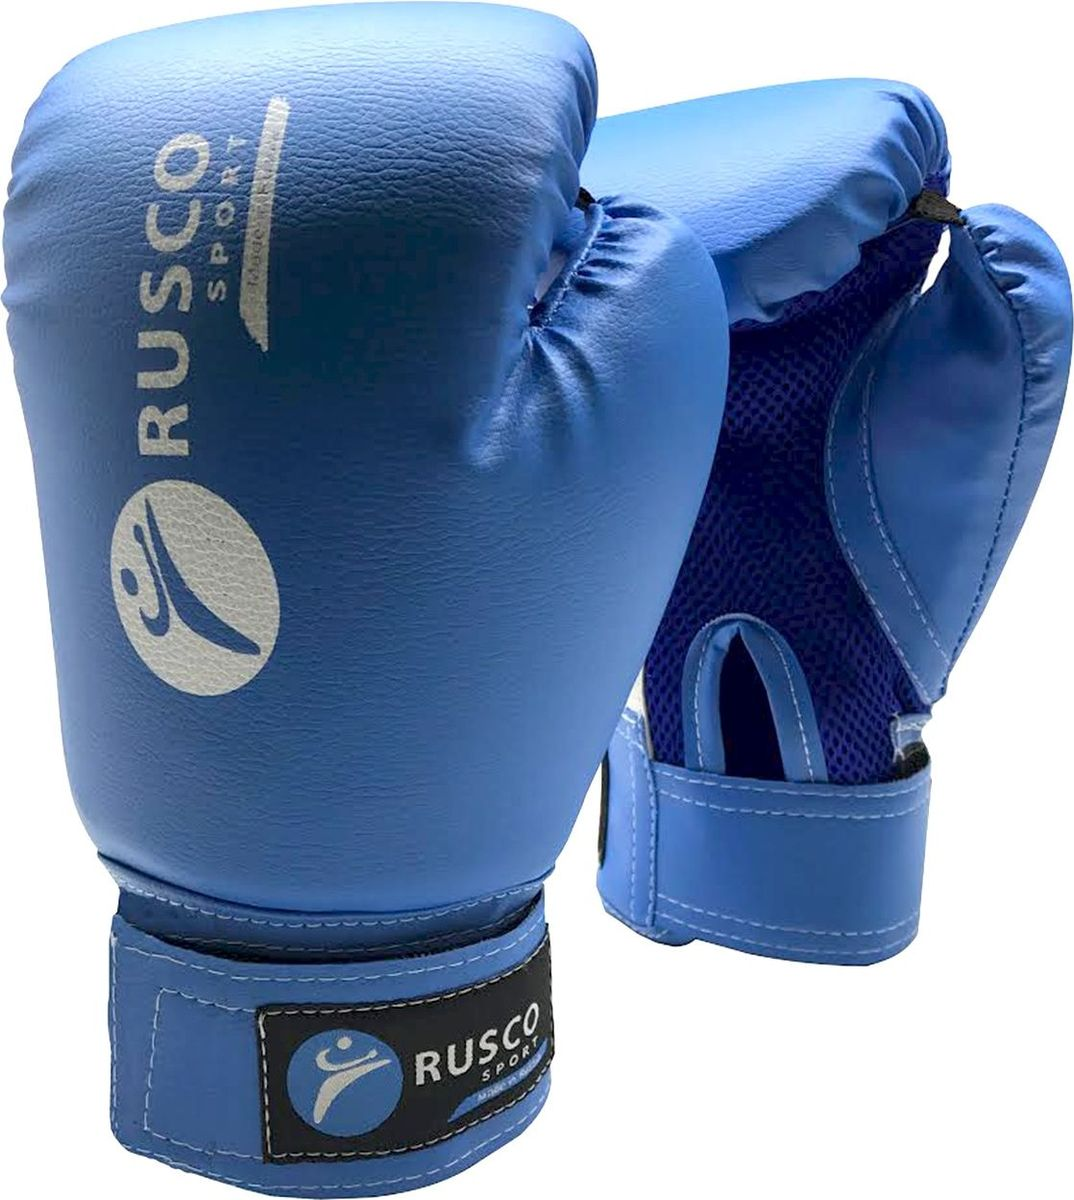 Перчатки боксерские Rusco, цвет: синий, 8 ozBGG-2018Перчатки боксерские, 8 oz, к/з - это боксерские перчатки синего цвета, которые широко используются начинающими спортсменами и юниорами на тренировках. Перчатки имеют мягкую набивку, специально разработанная удобная форма позволяет избежать травм во время тренировок и профессионально подготовиться к бою. Превосходно облегают кисть, следуя всем анатомическим изгибам ладони и запястья.